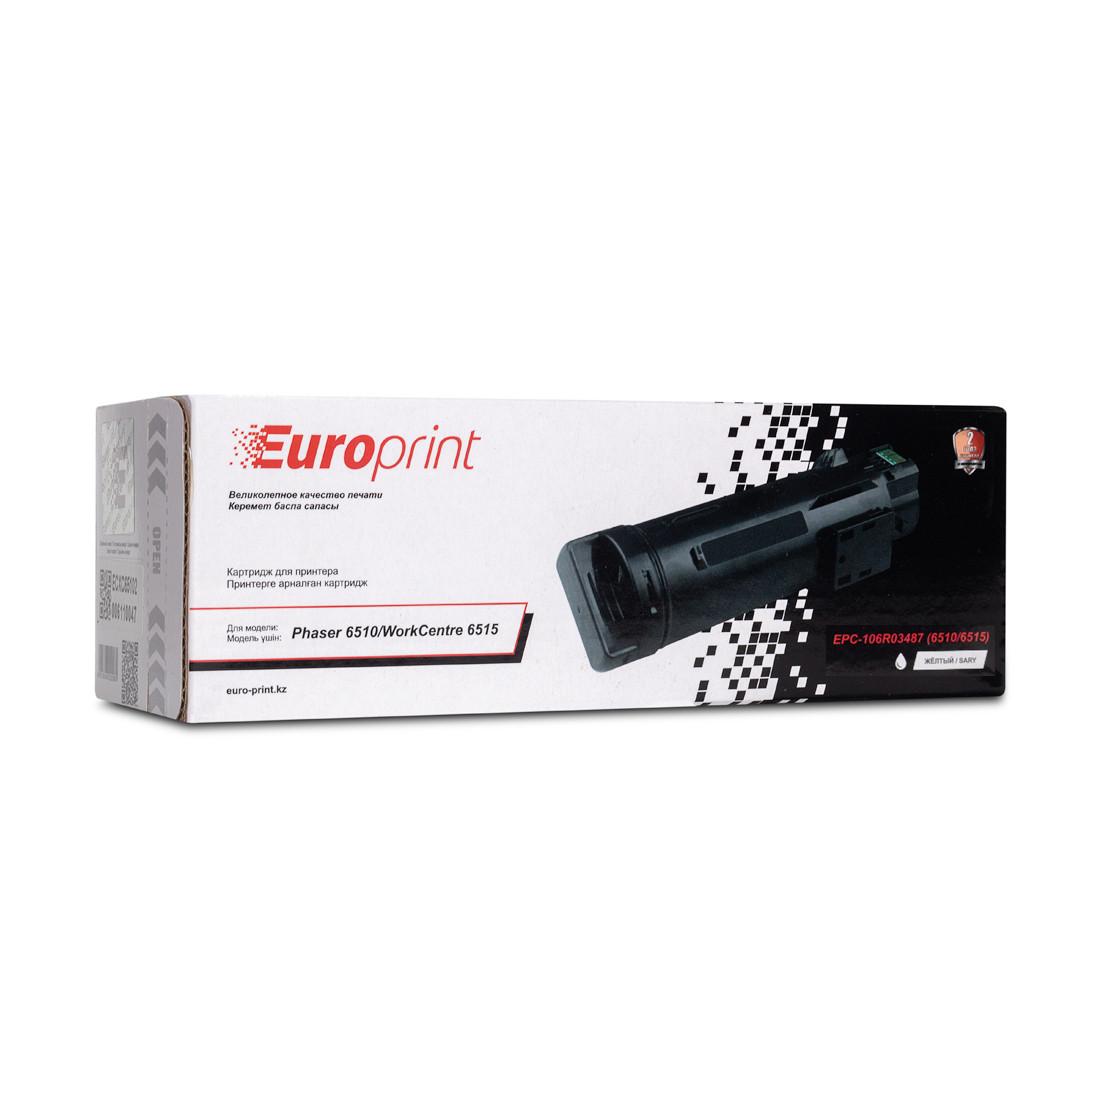 Картридж Europrint EPC-106R03487 Жёлтый (6510/6515)